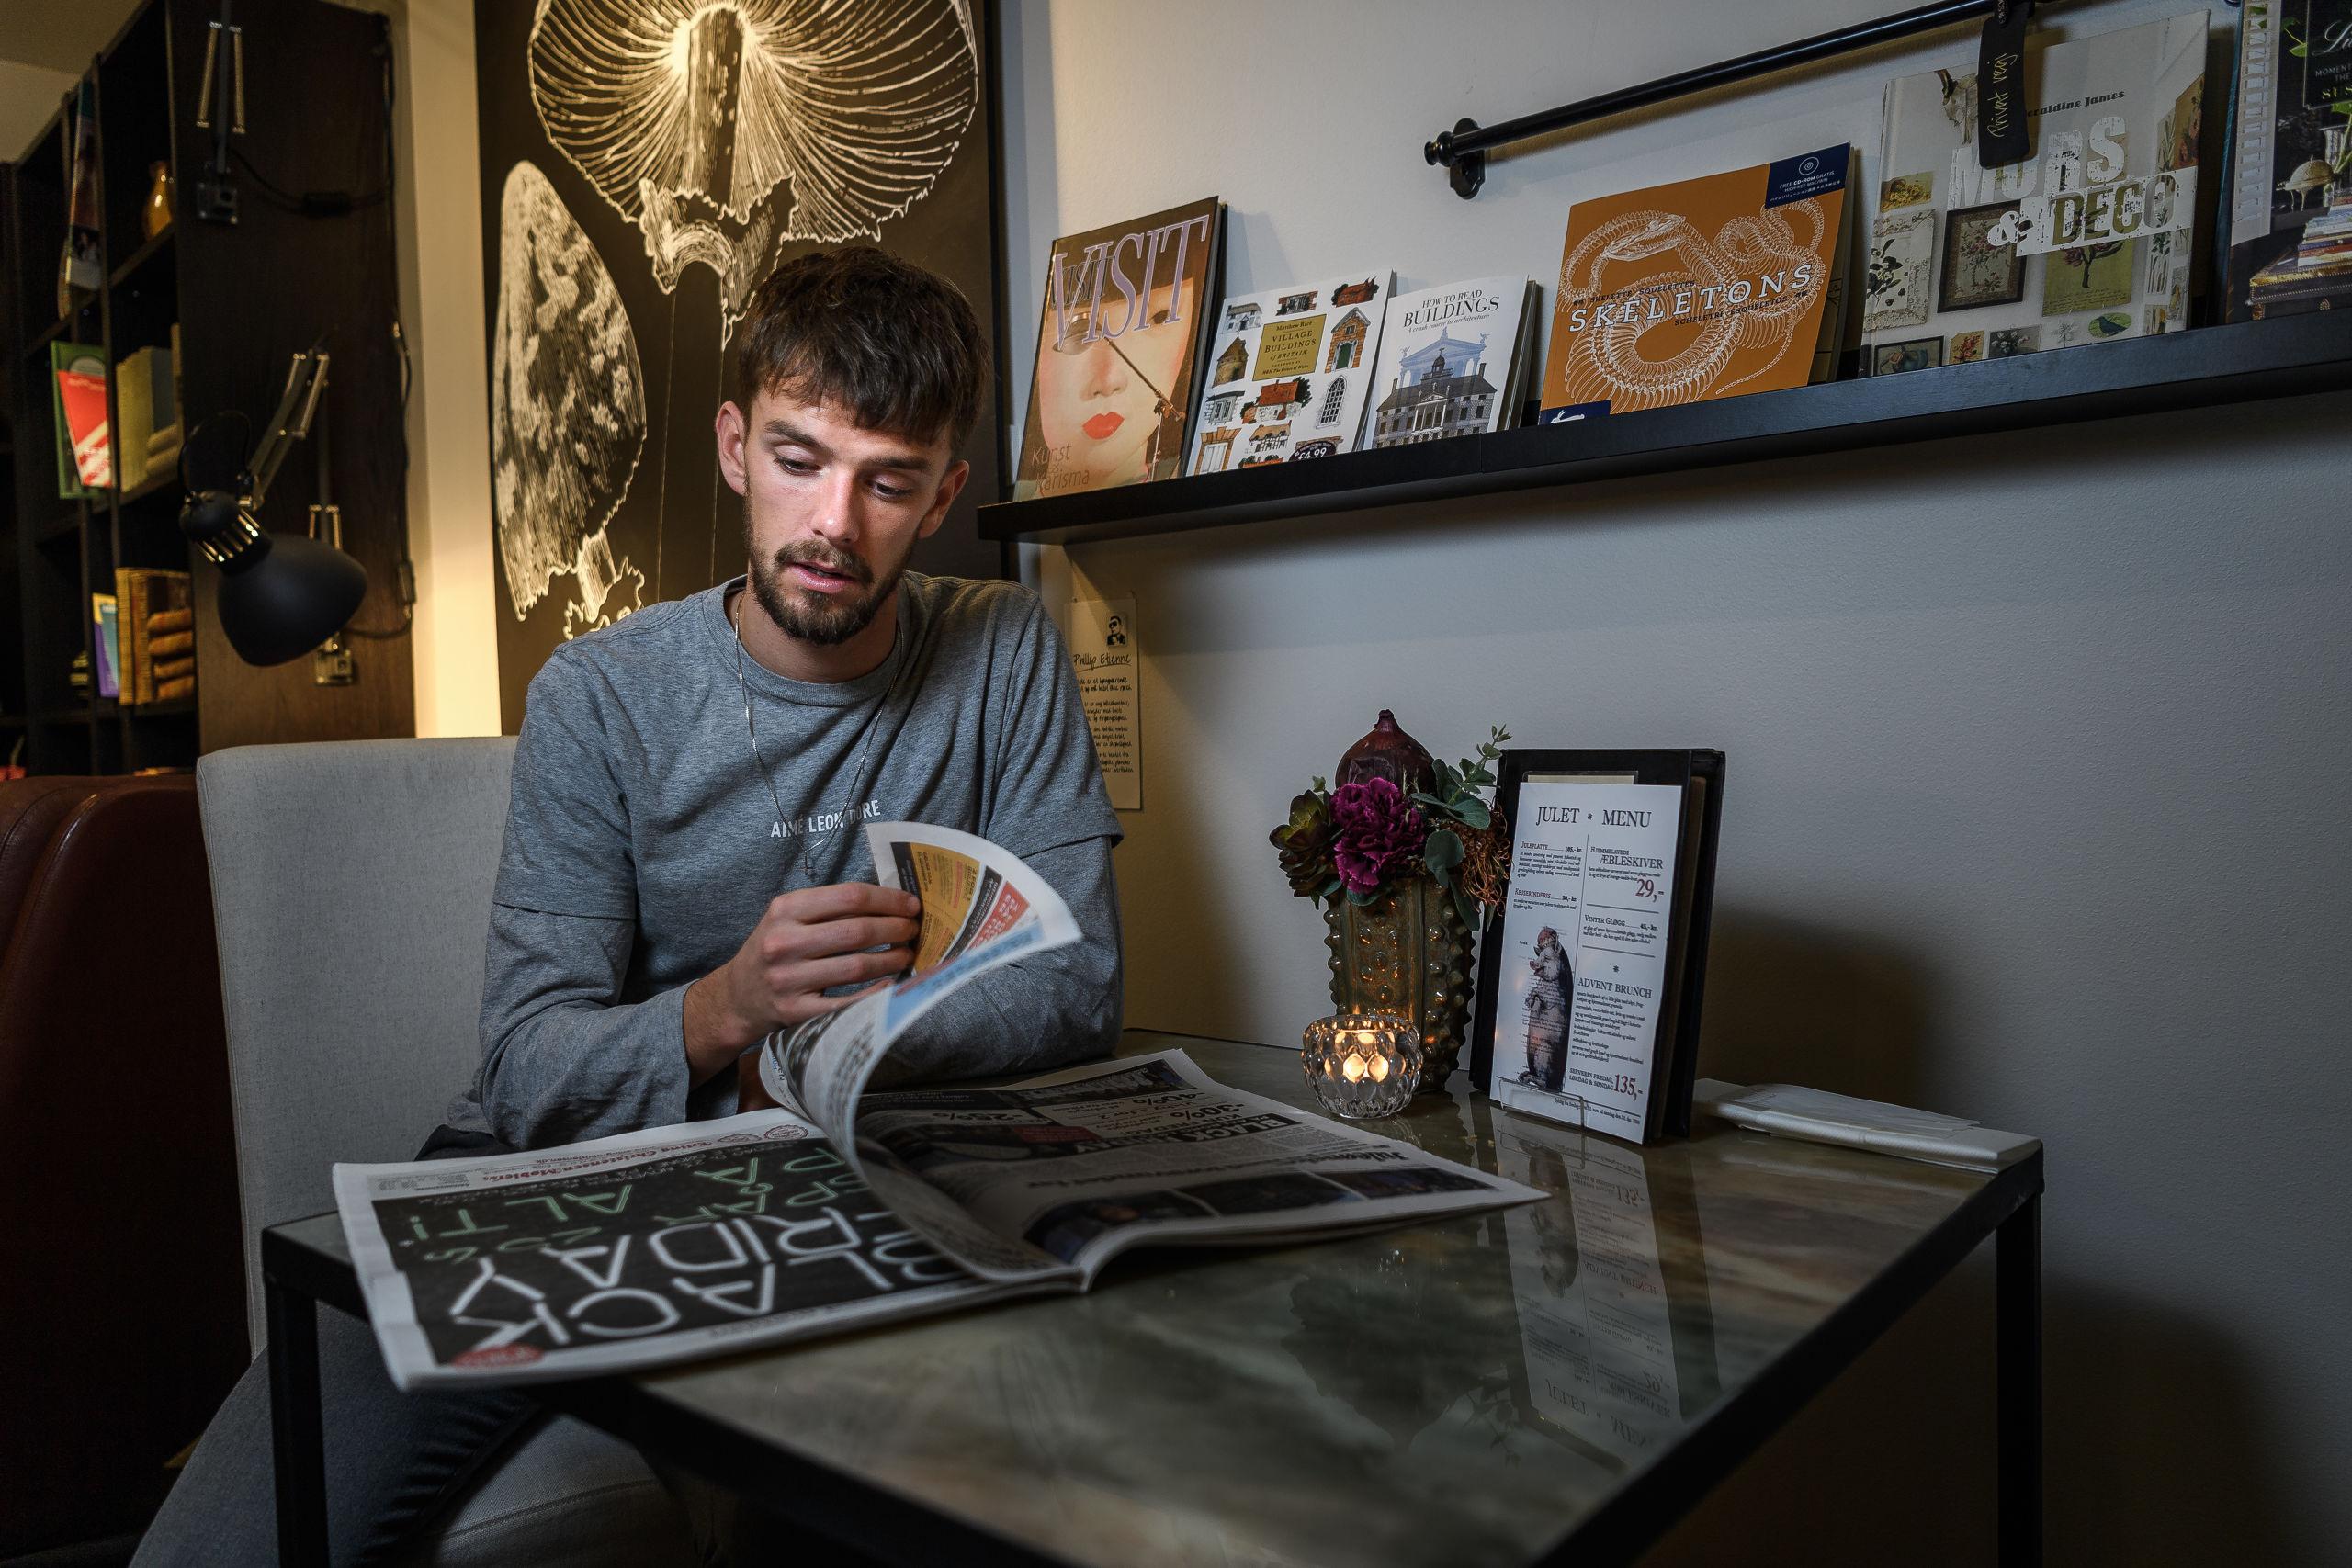 Lucas Andersen har det godt med at være vendt hjem, men han vil ikke udelukke, at han rejser til udlandet igen i fremtiden. Foto: Nicolas Cho Meier